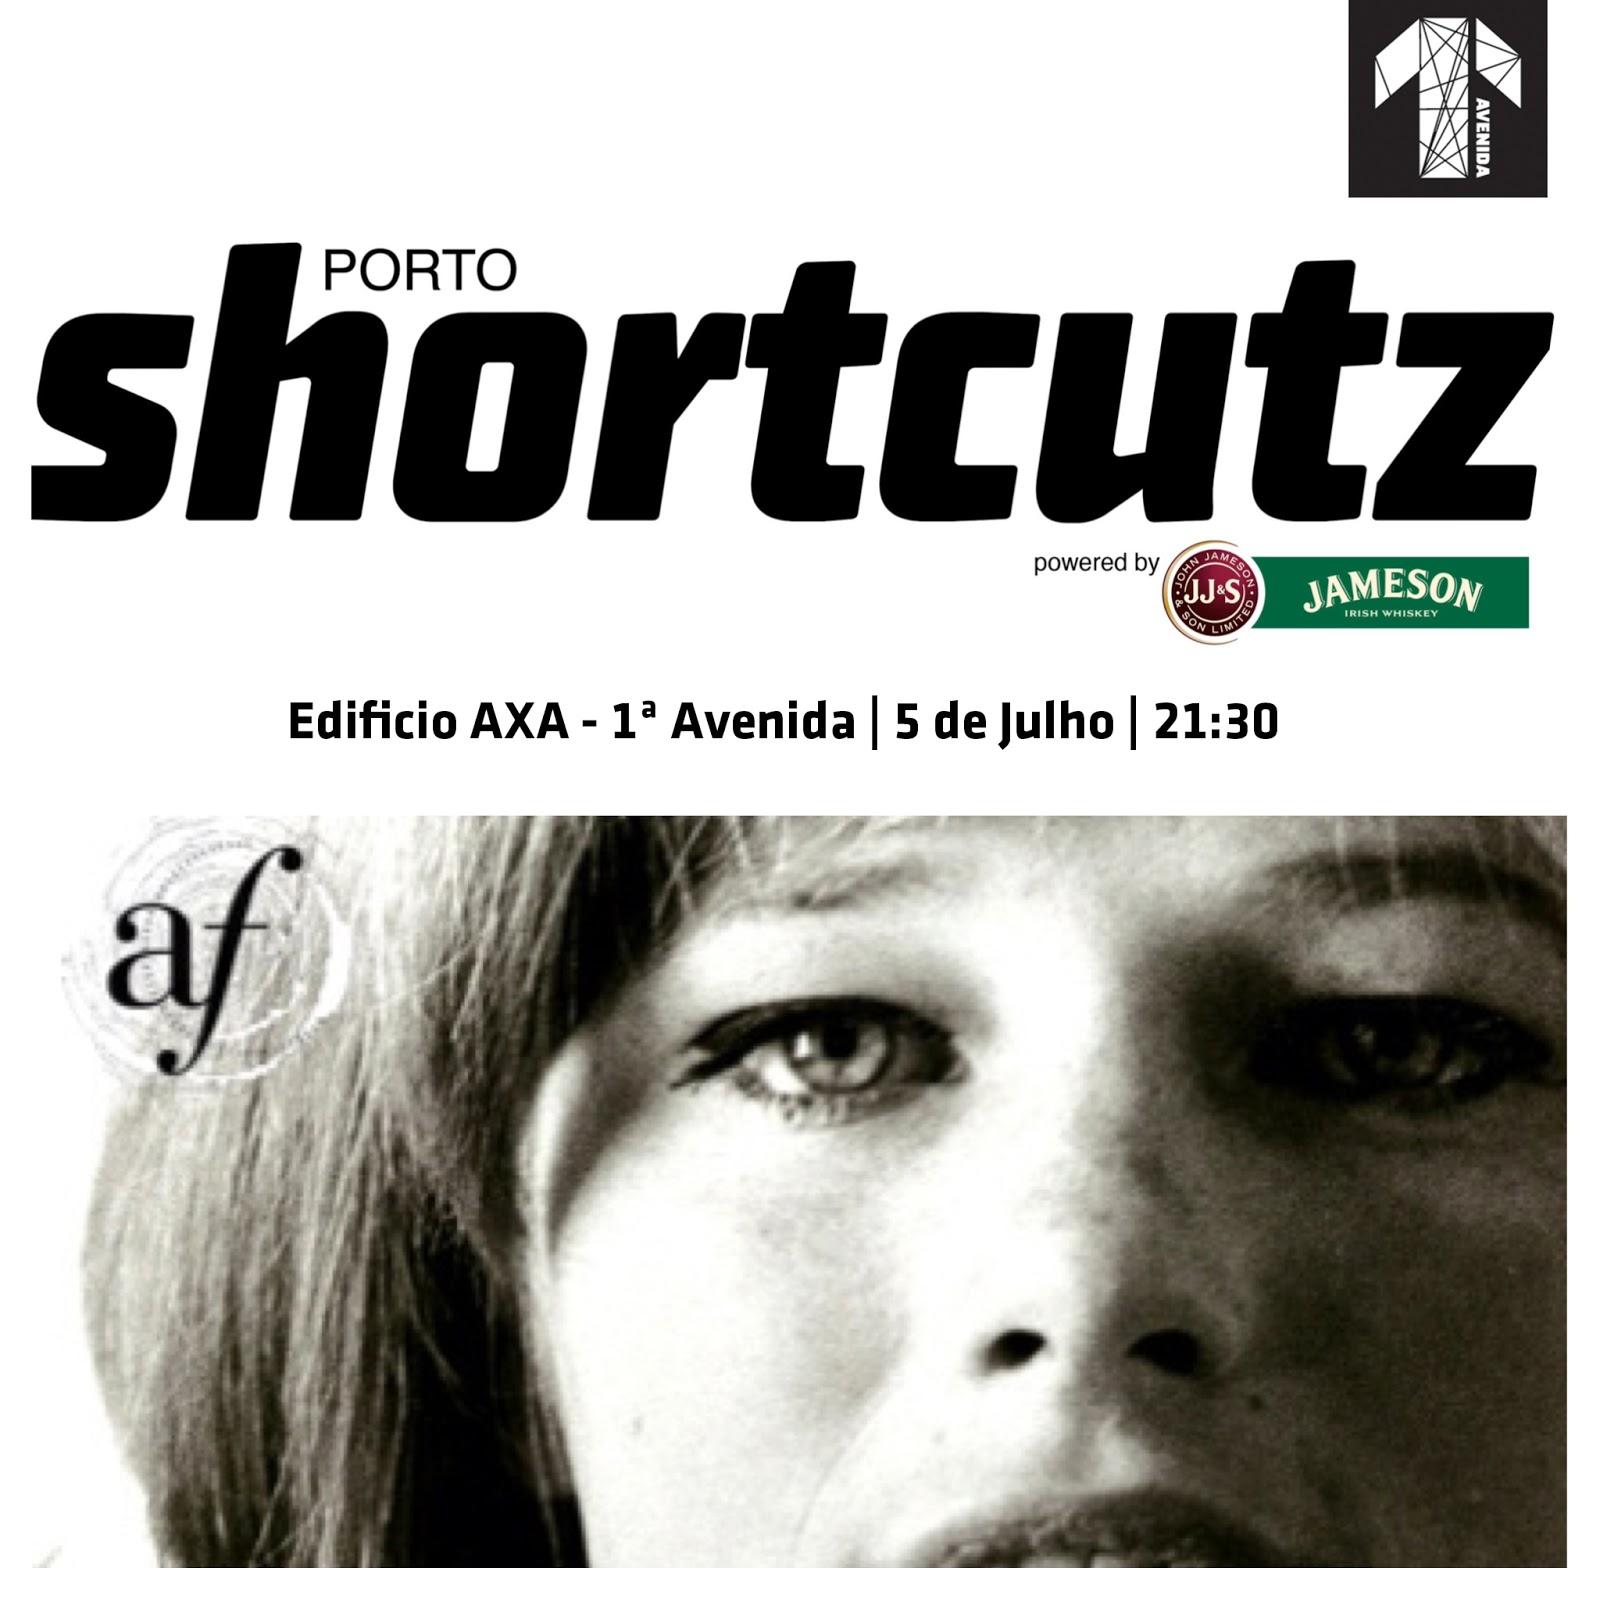 Shortcutz porto shortcutz porto 21 30 5 de julho no for La salle de bain jean philippe toussaint